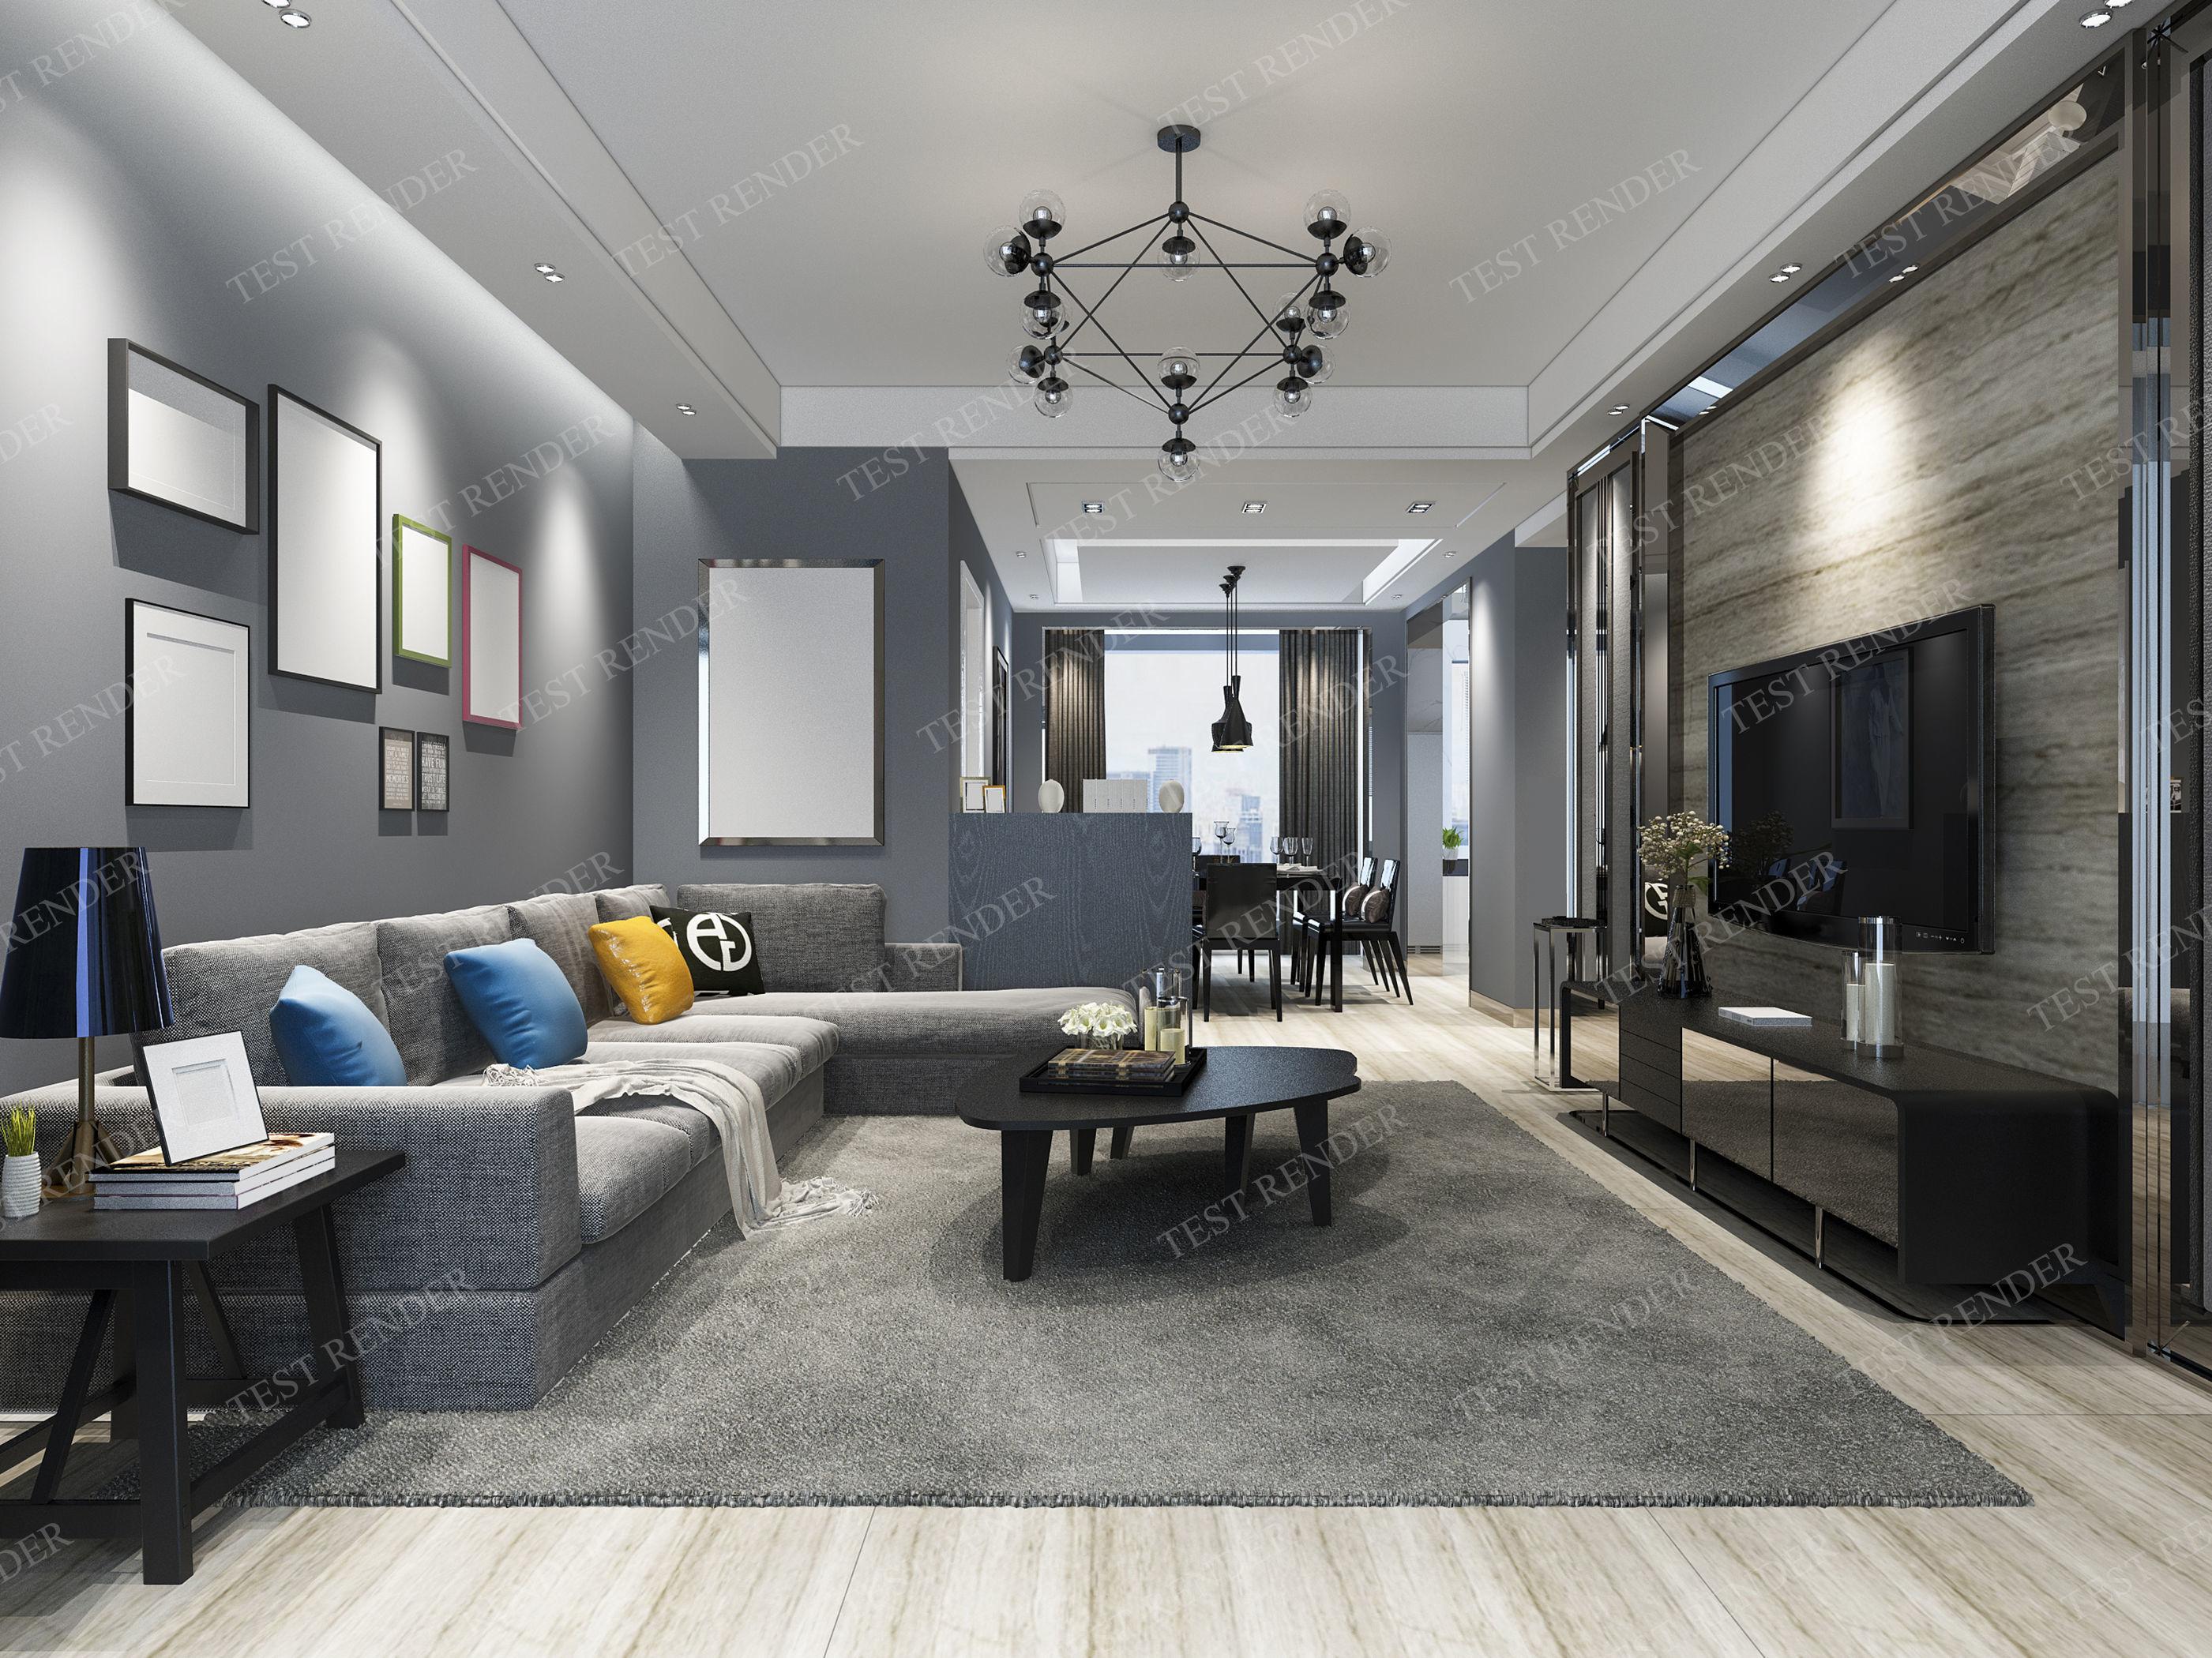 lovely living room 3d model | modern living room and dining room 3D model MAX 3DS FBX